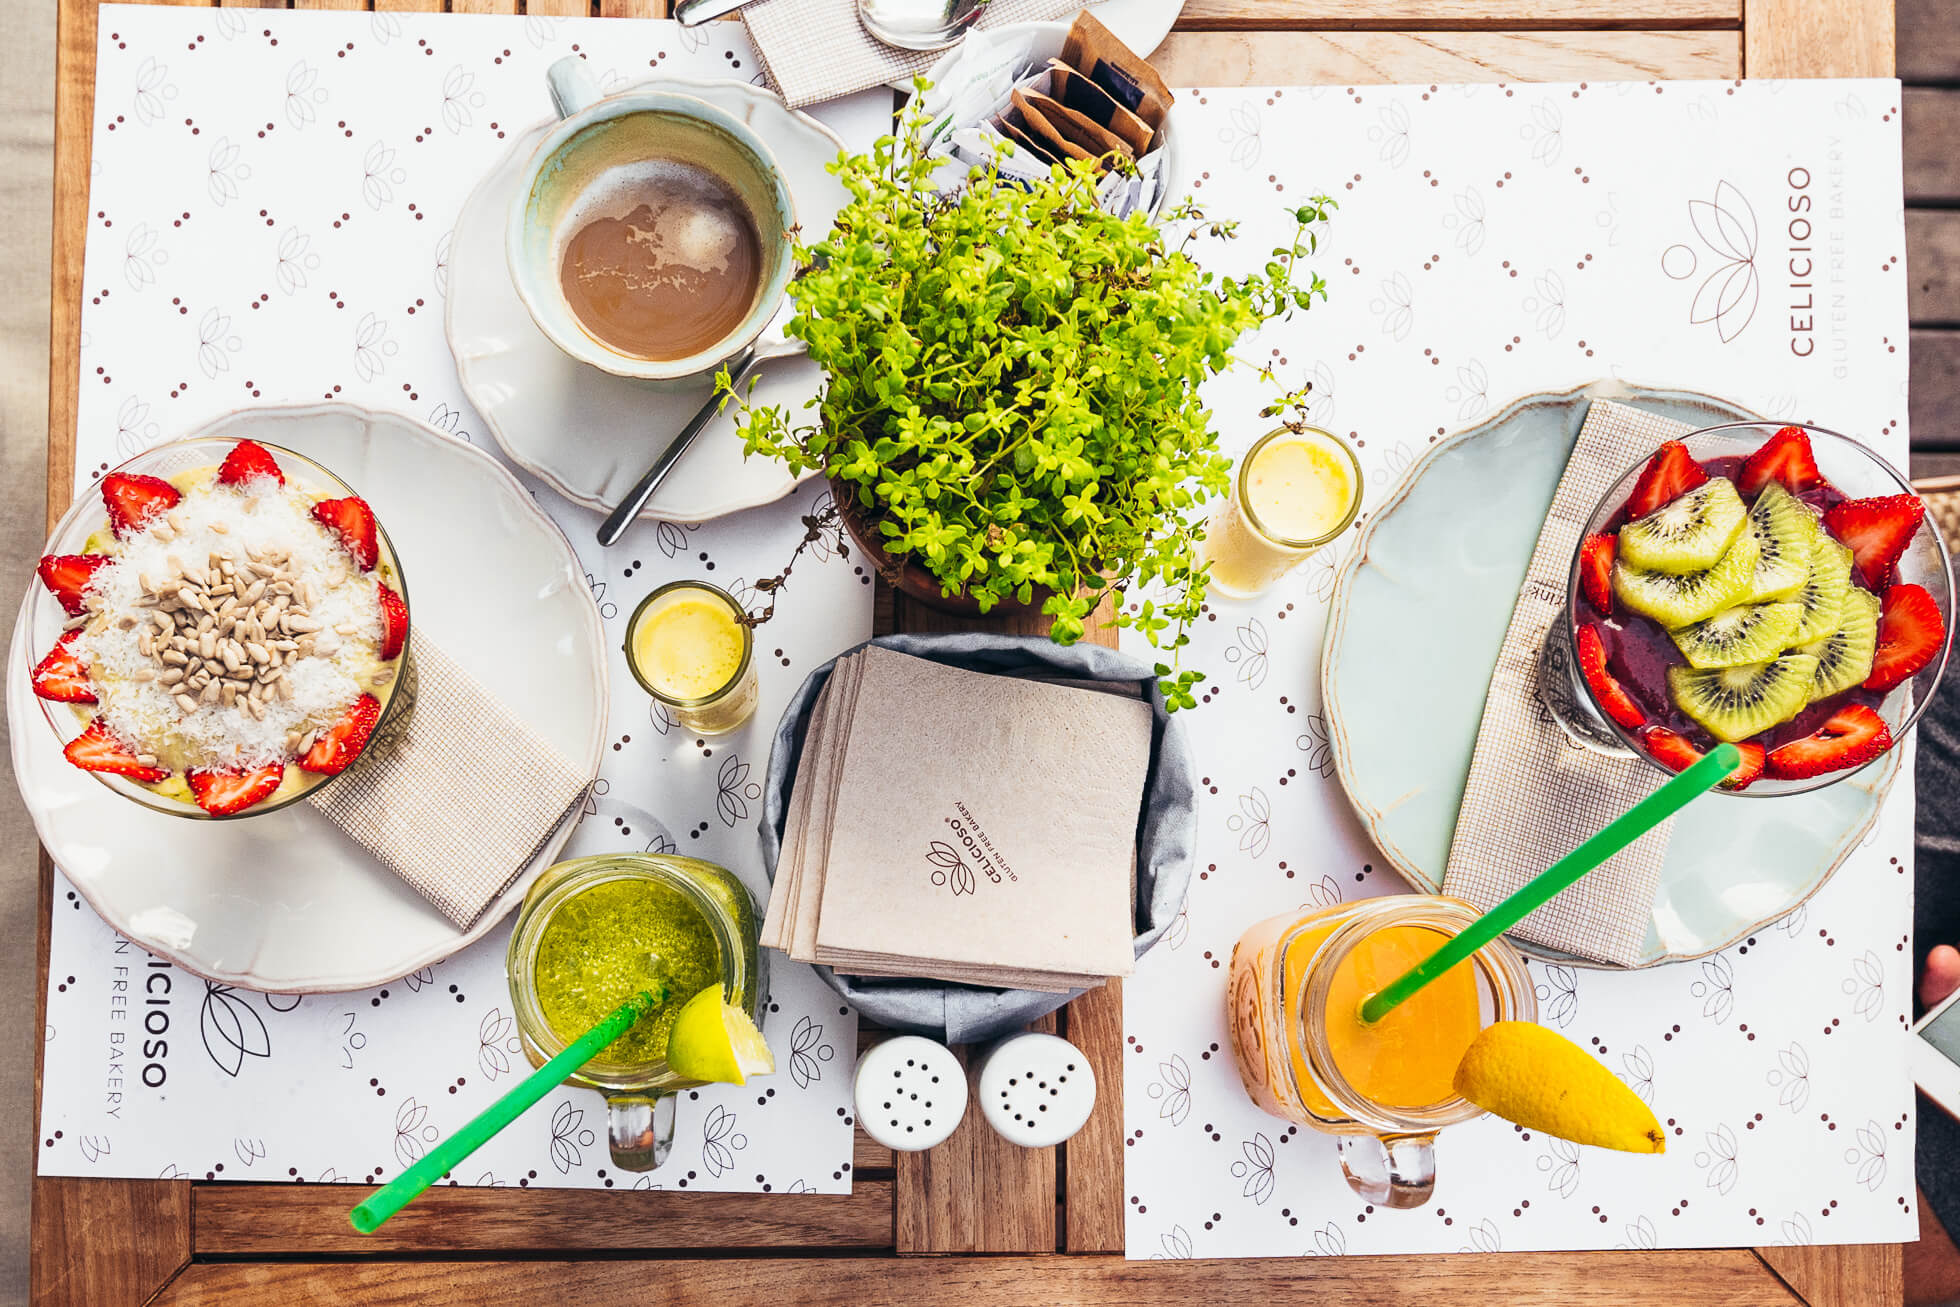 janni-deler-breakfast-spotJ1170211